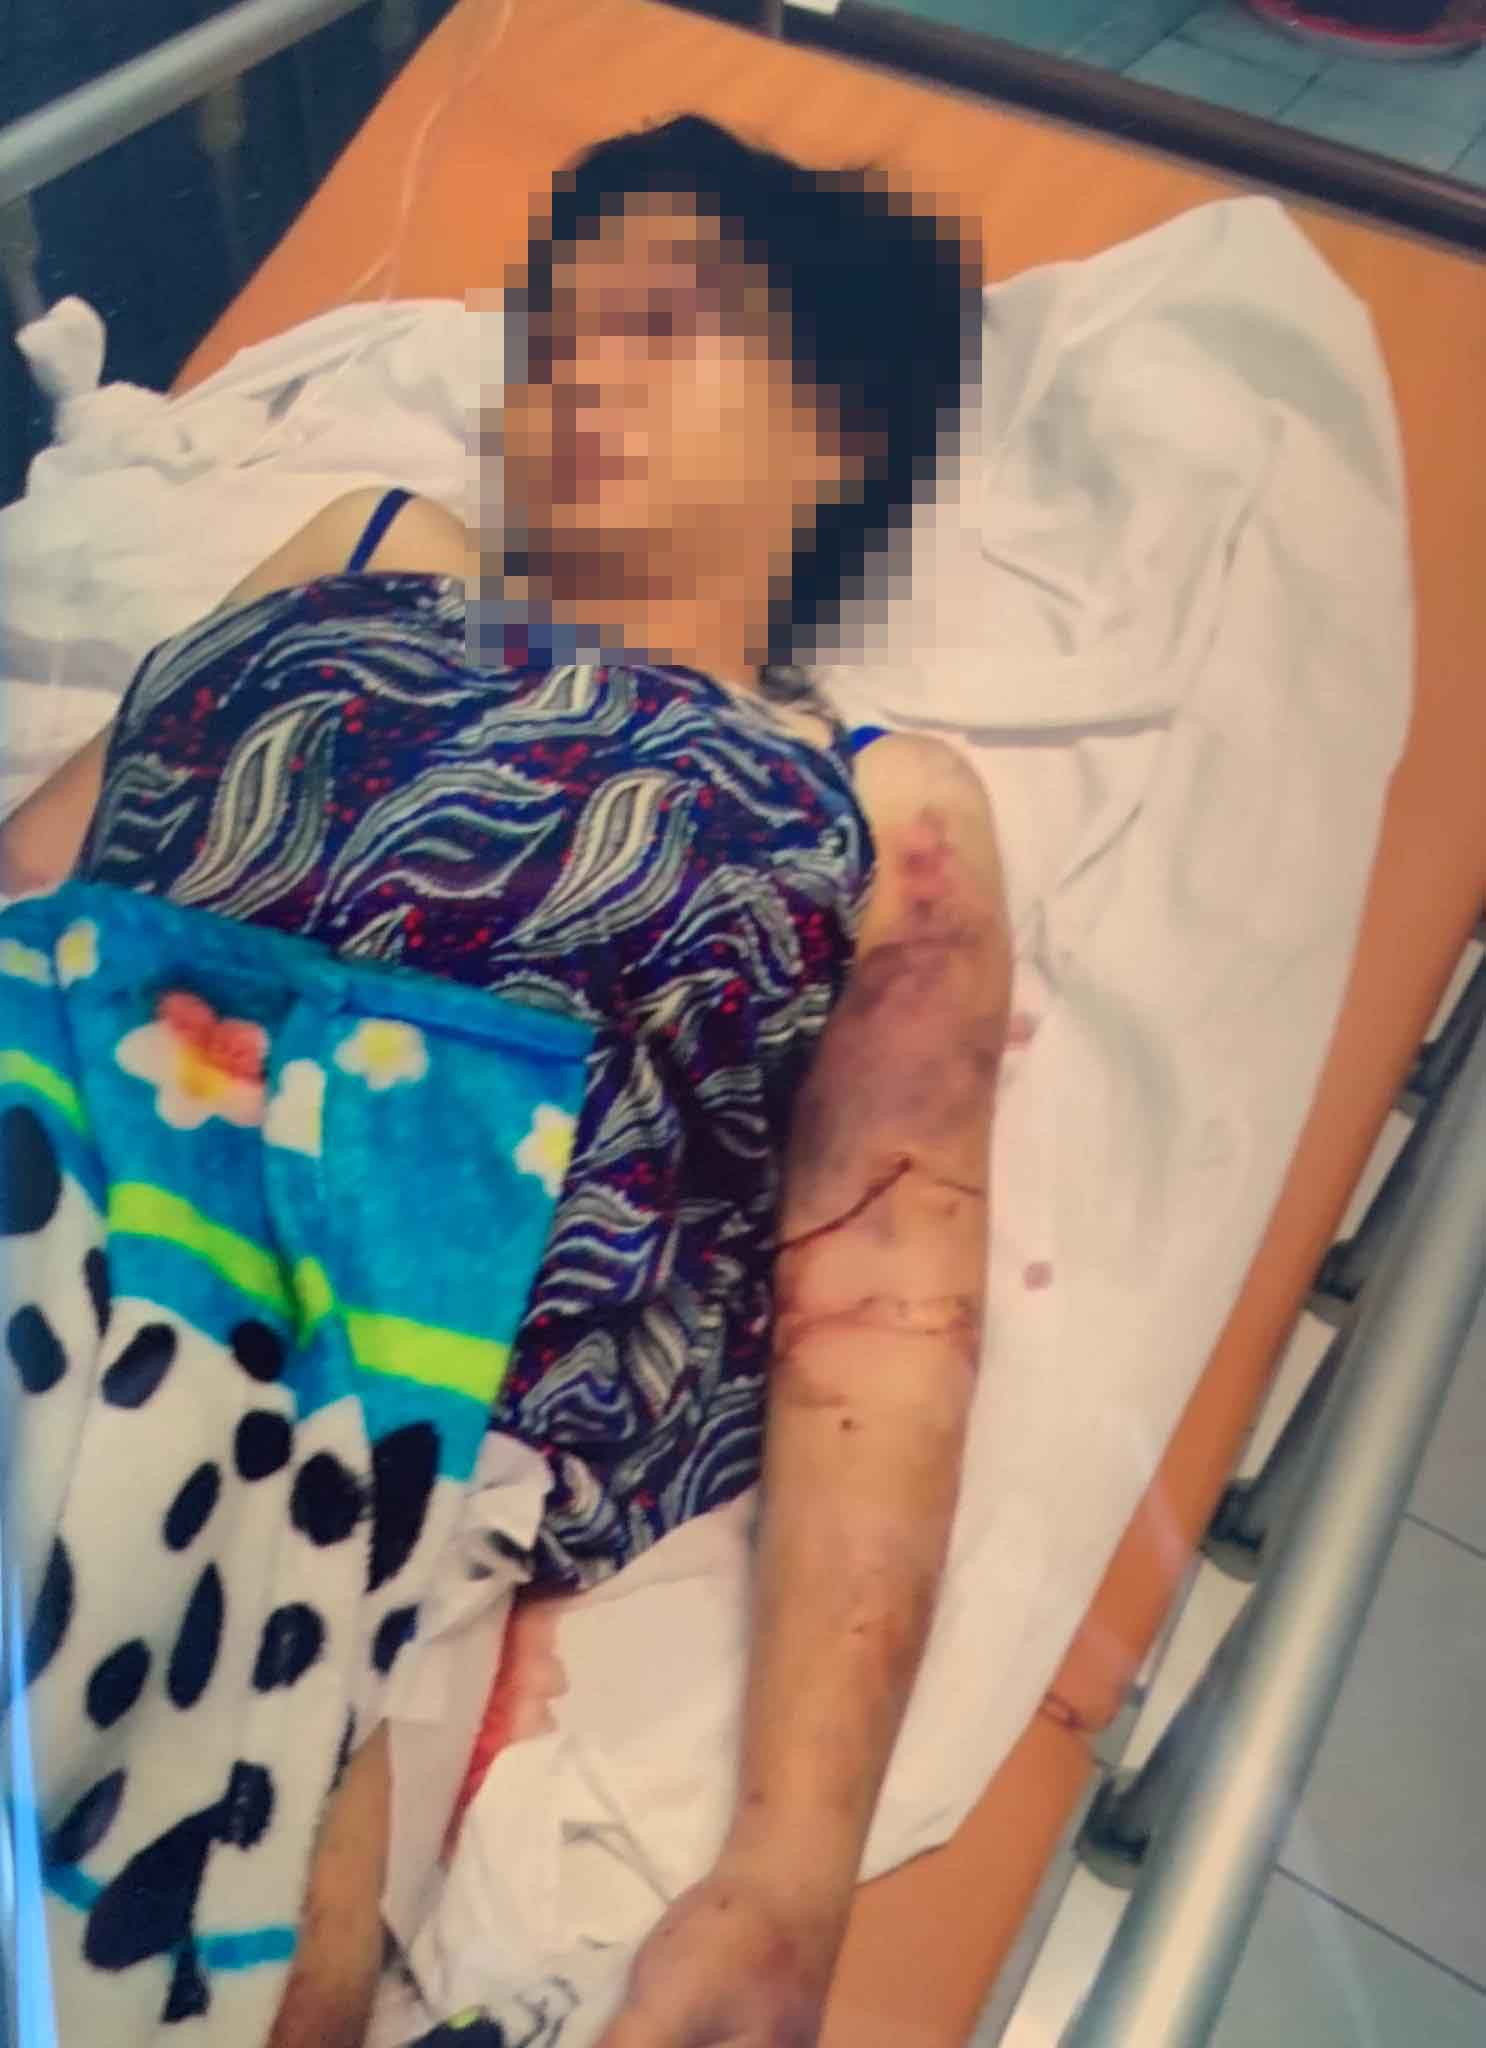 Vụ cô gái mang thai 6 tháng bị bắt cóc, đánh đập khiến thai nhi tử vong ở Sài Gòn: Kinh hoàng màn tra tấn như thời Trung cổ - Ảnh 1.